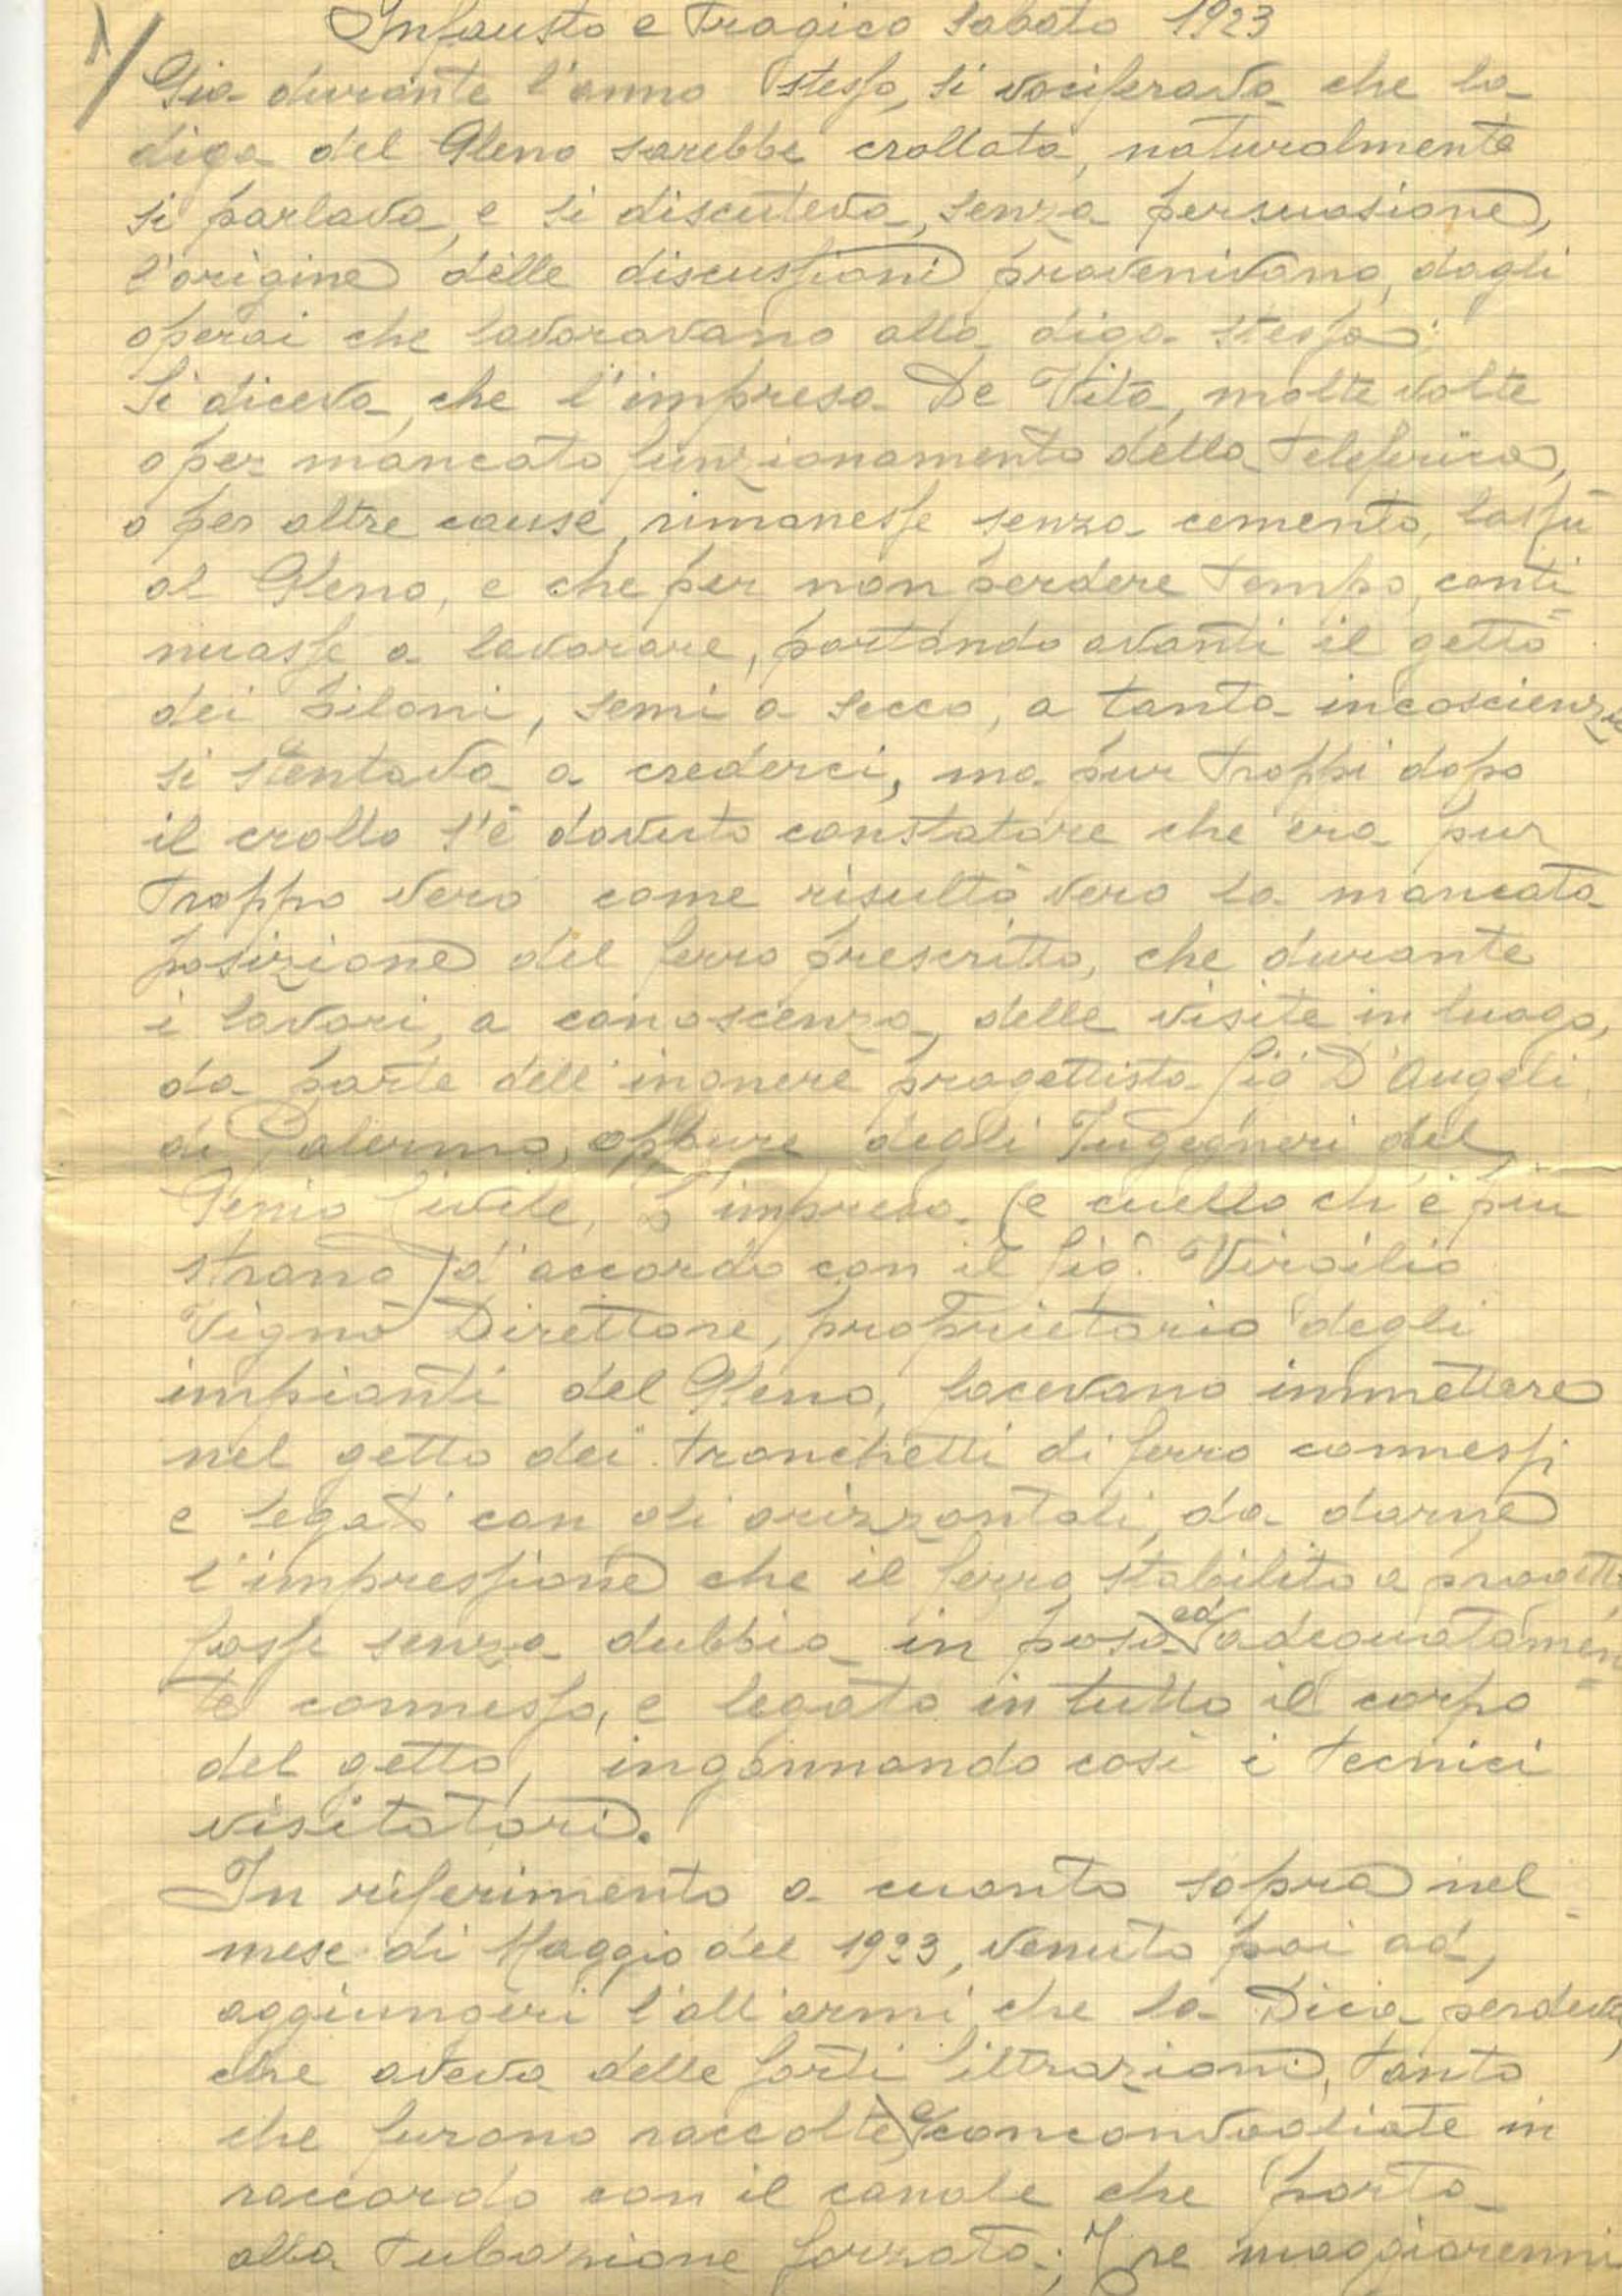 Lettera di Baldoni Angelo_01